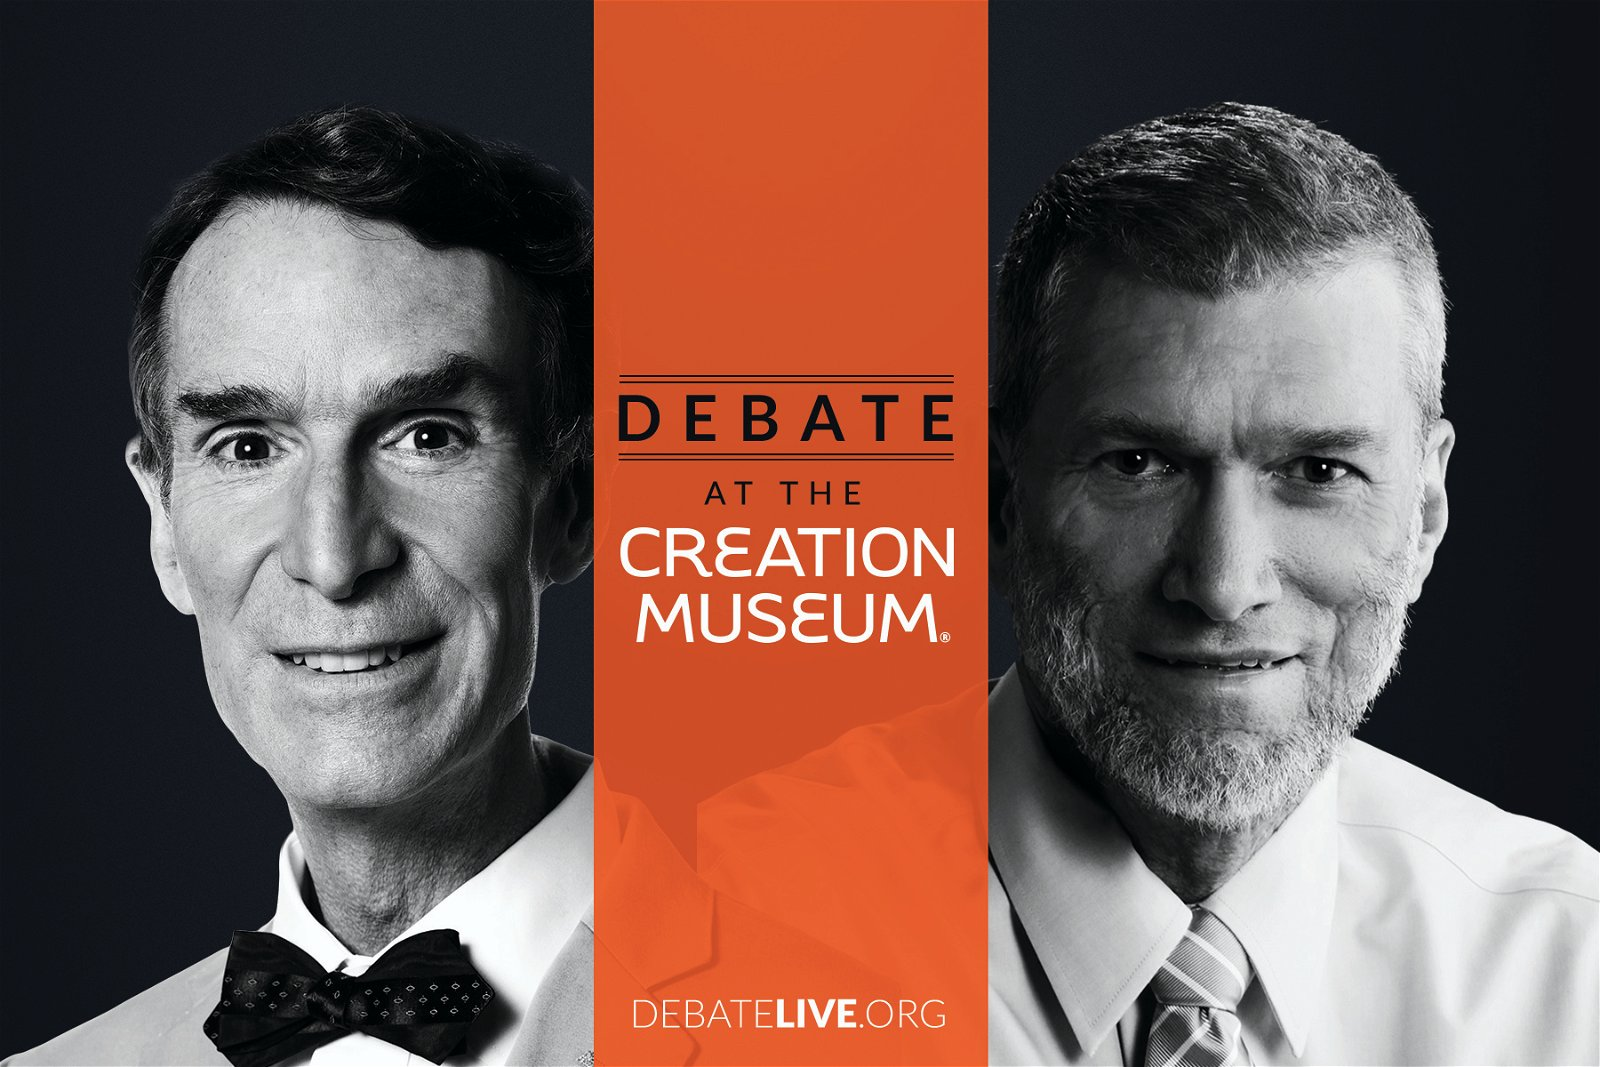 Bill_Nye_Ken_Ham_Live_Debate_Postcard